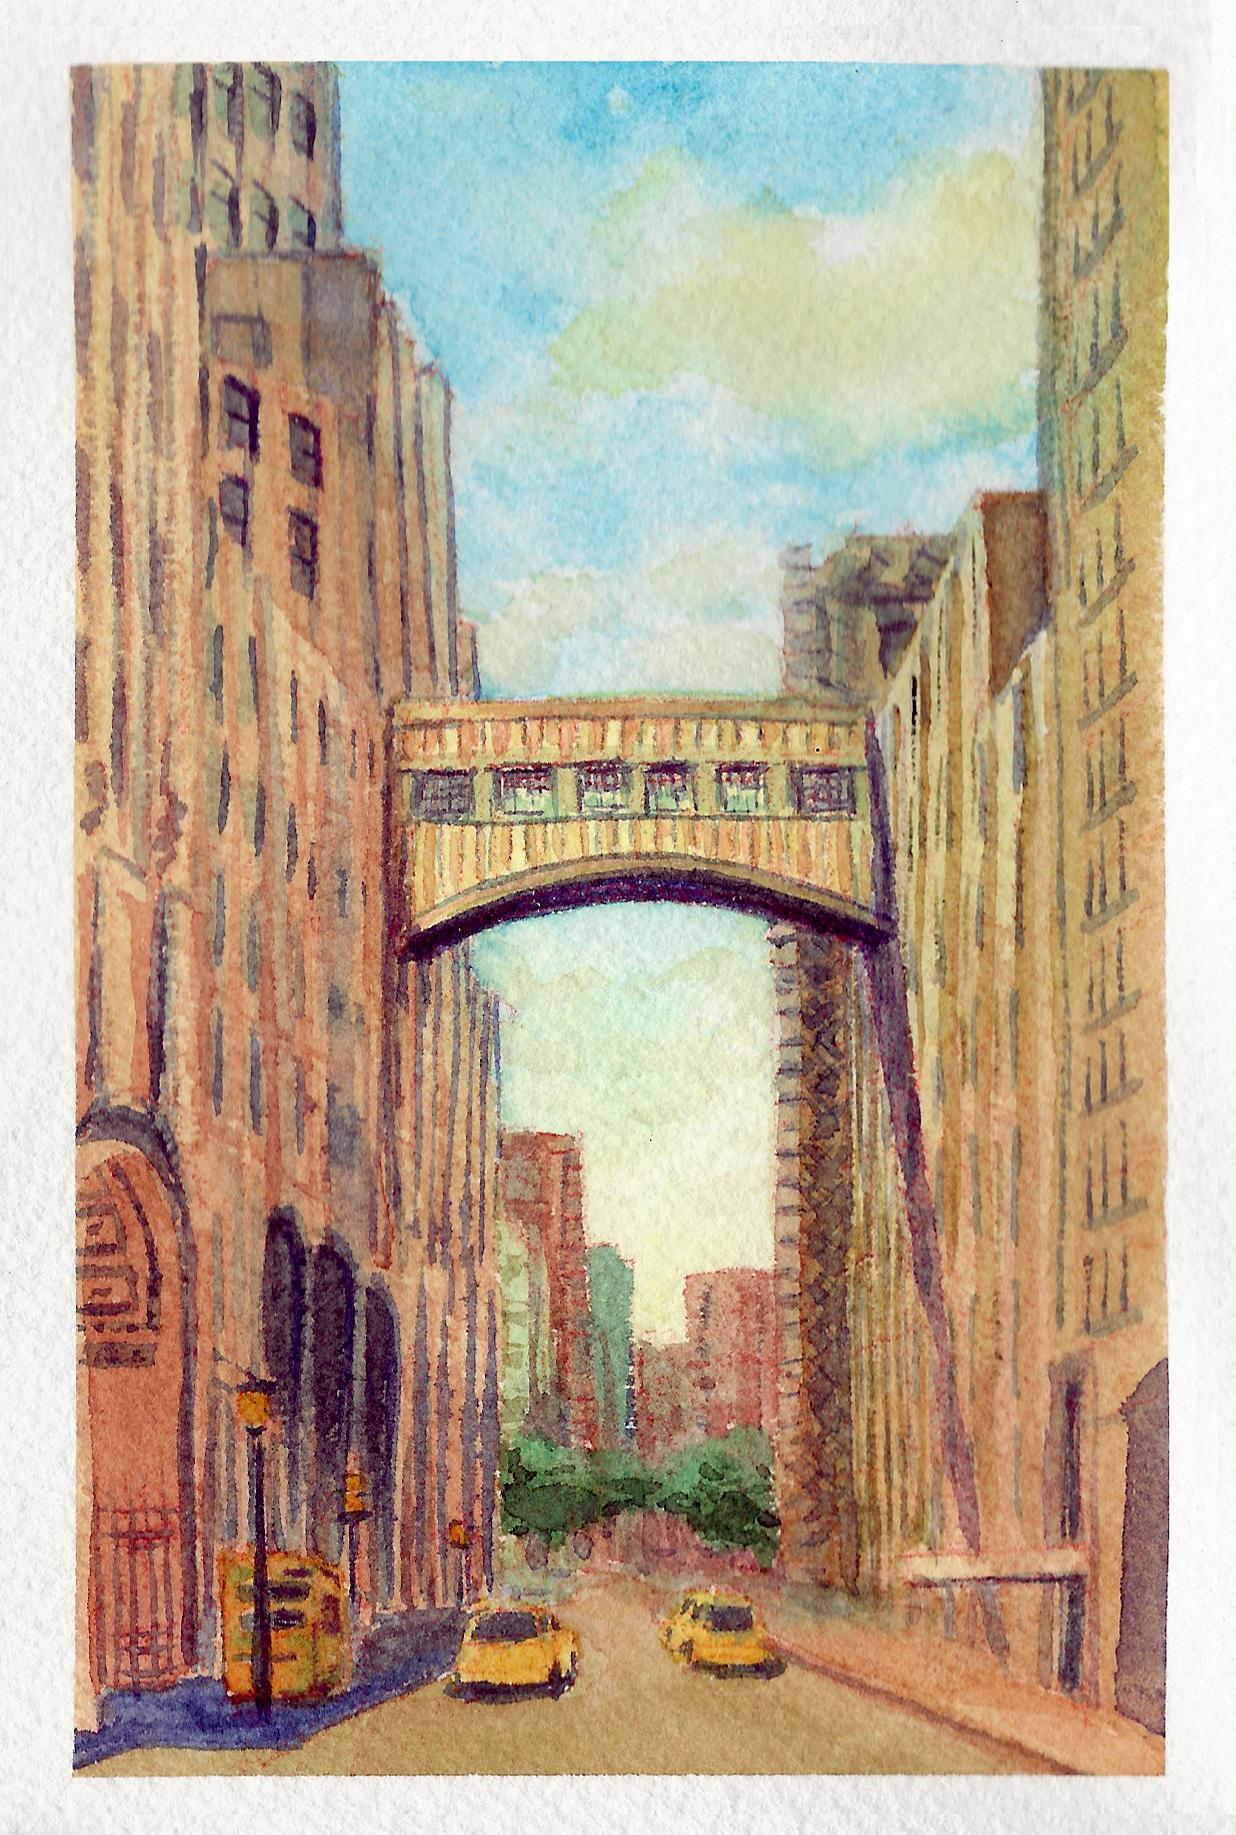 nyc sketchbook-35 Golden Bridge.png